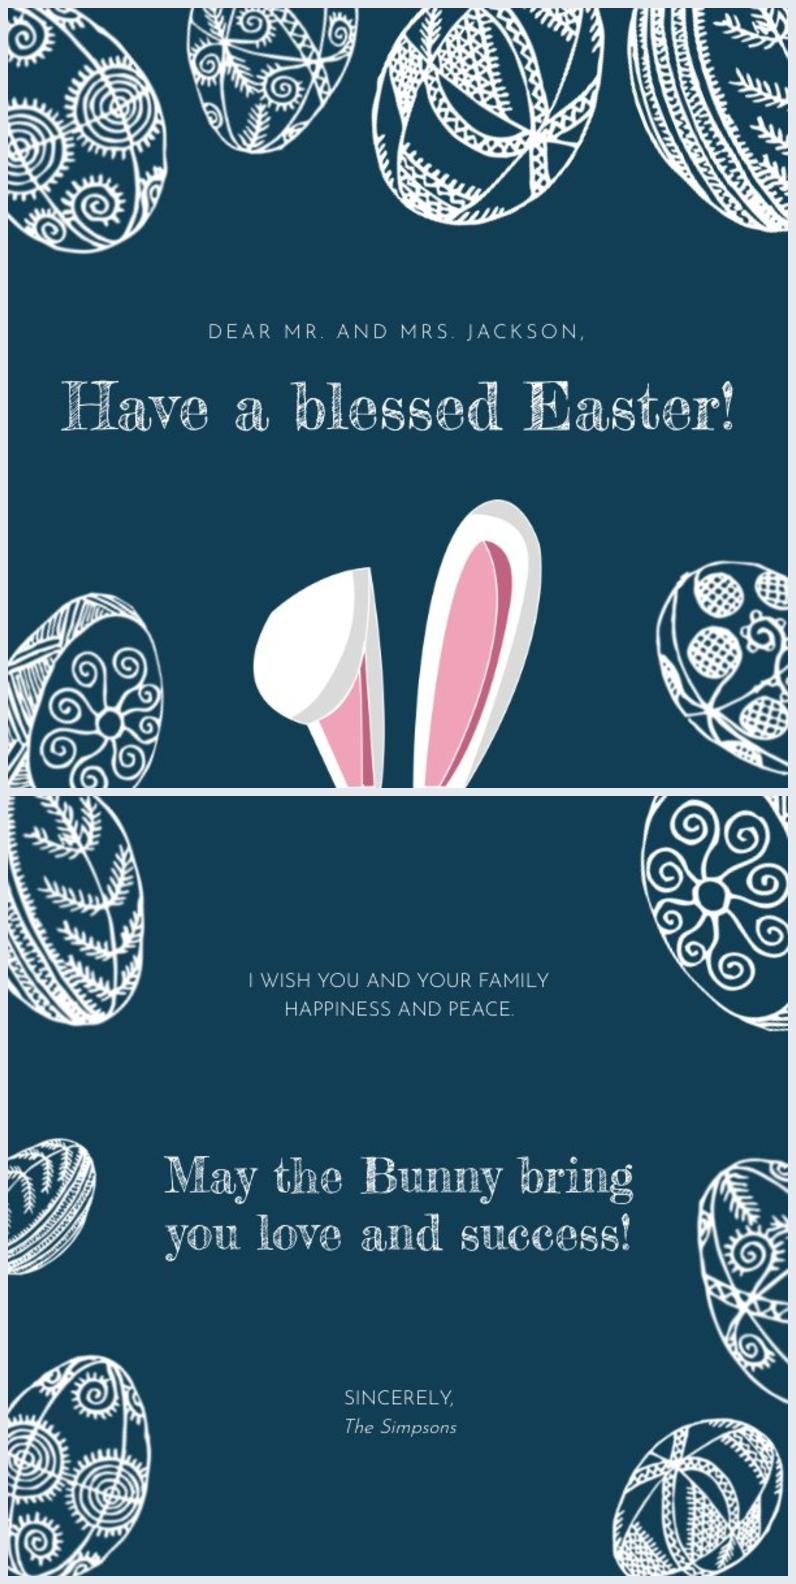 Playful Bunny Card Template Design